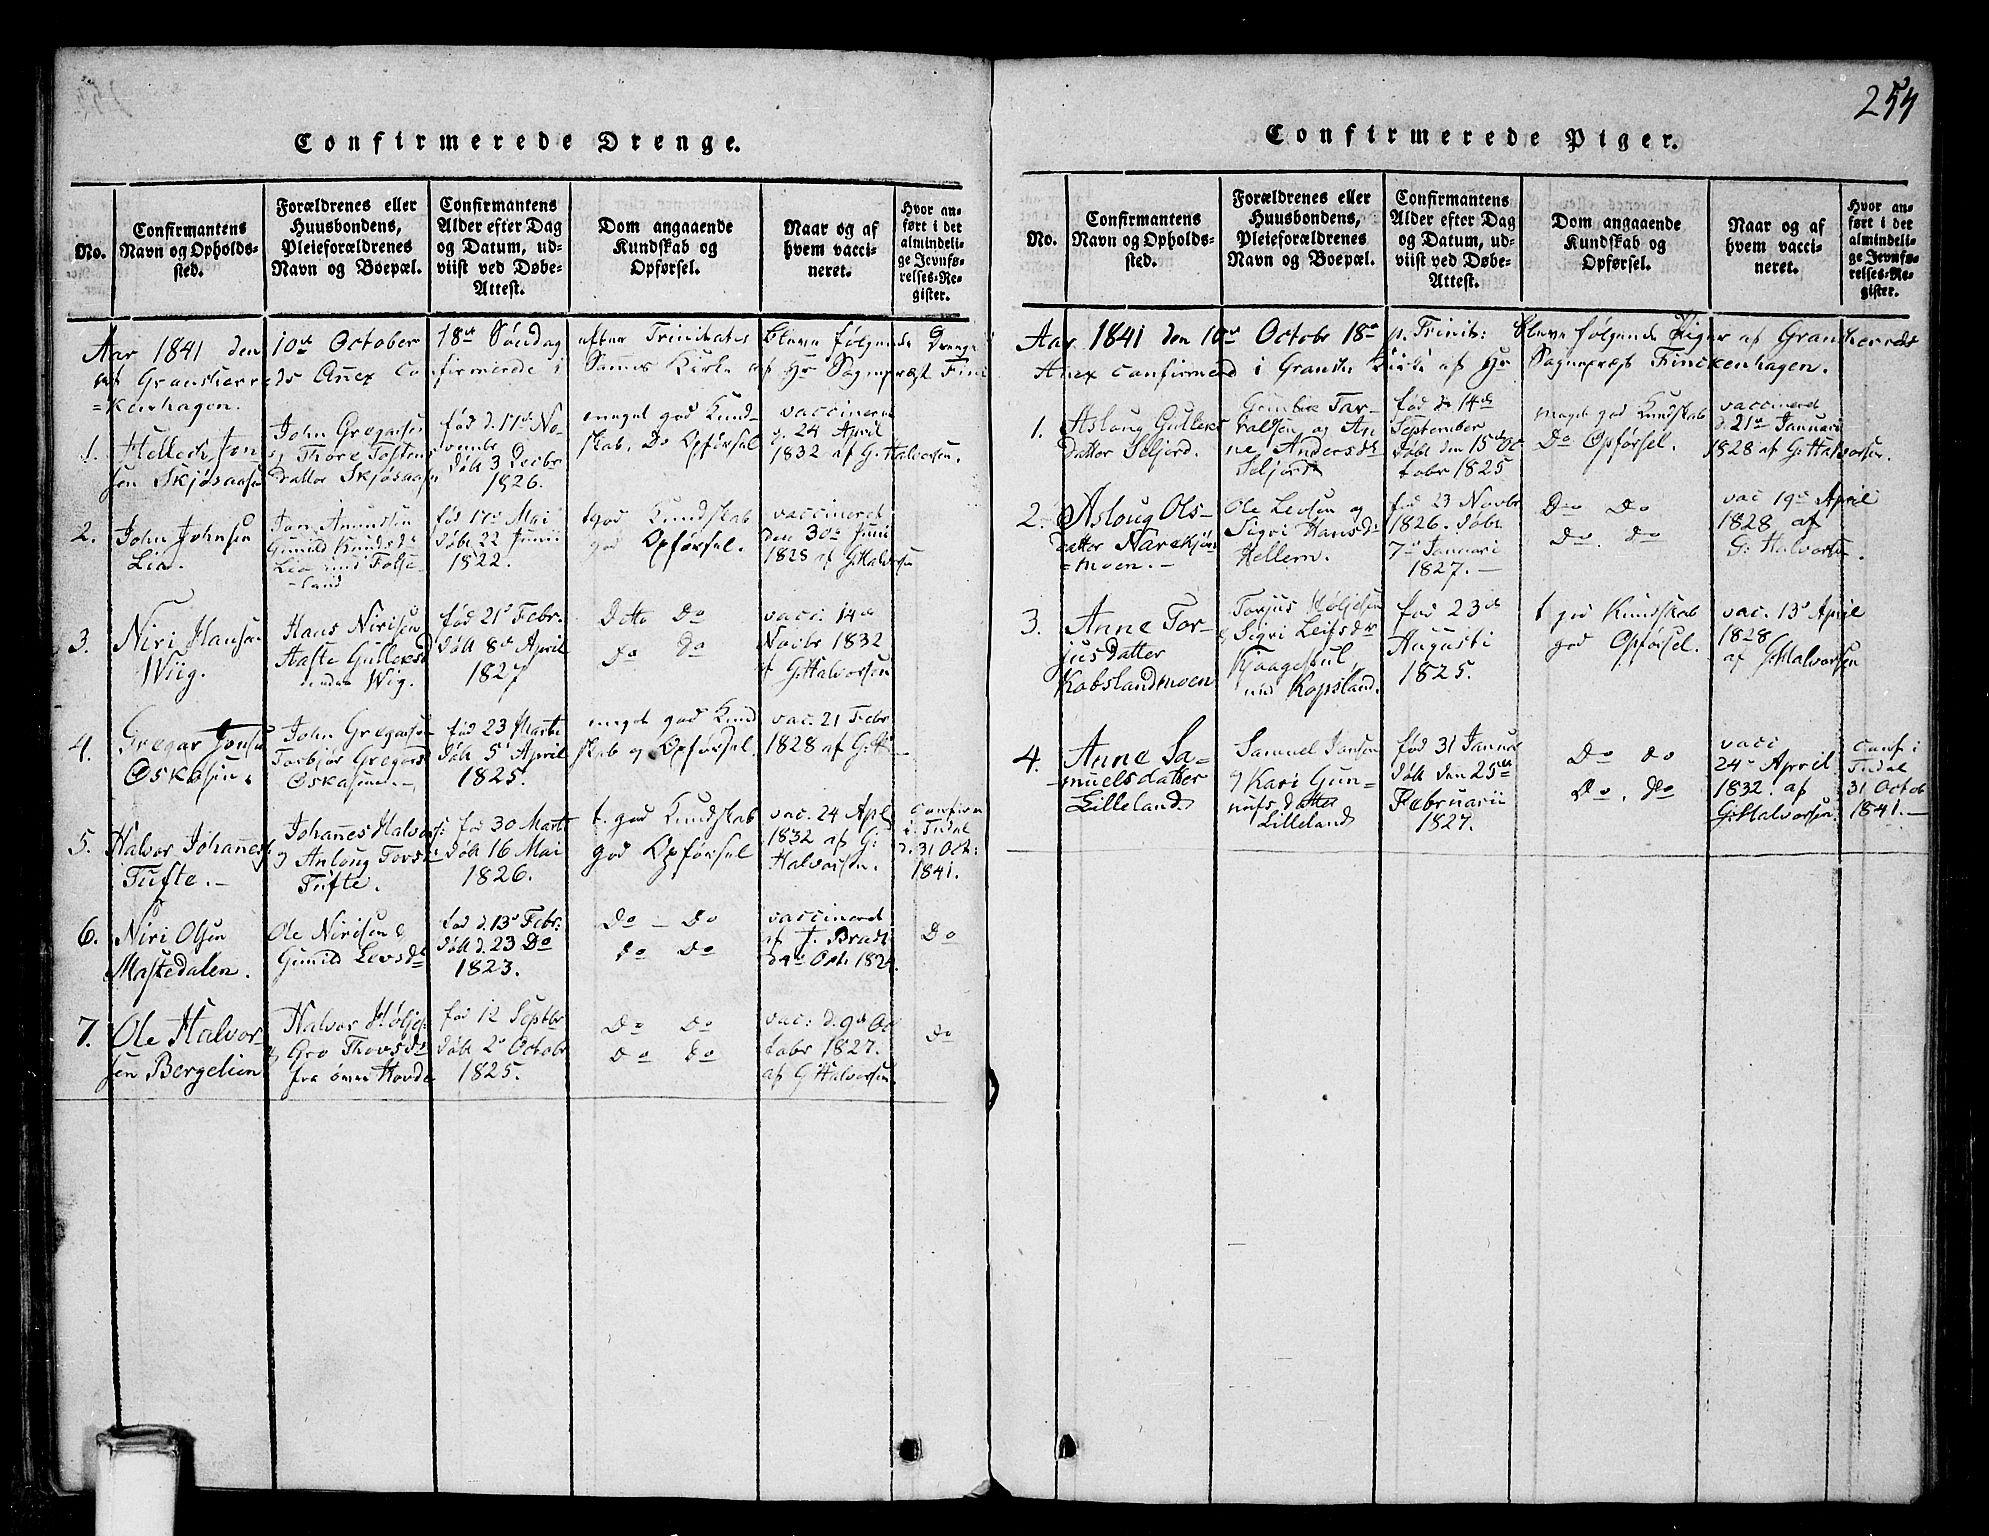 SAKO, Gransherad kirkebøker, G/Ga/L0001: Klokkerbok nr. I 1, 1815-1842, s. 254